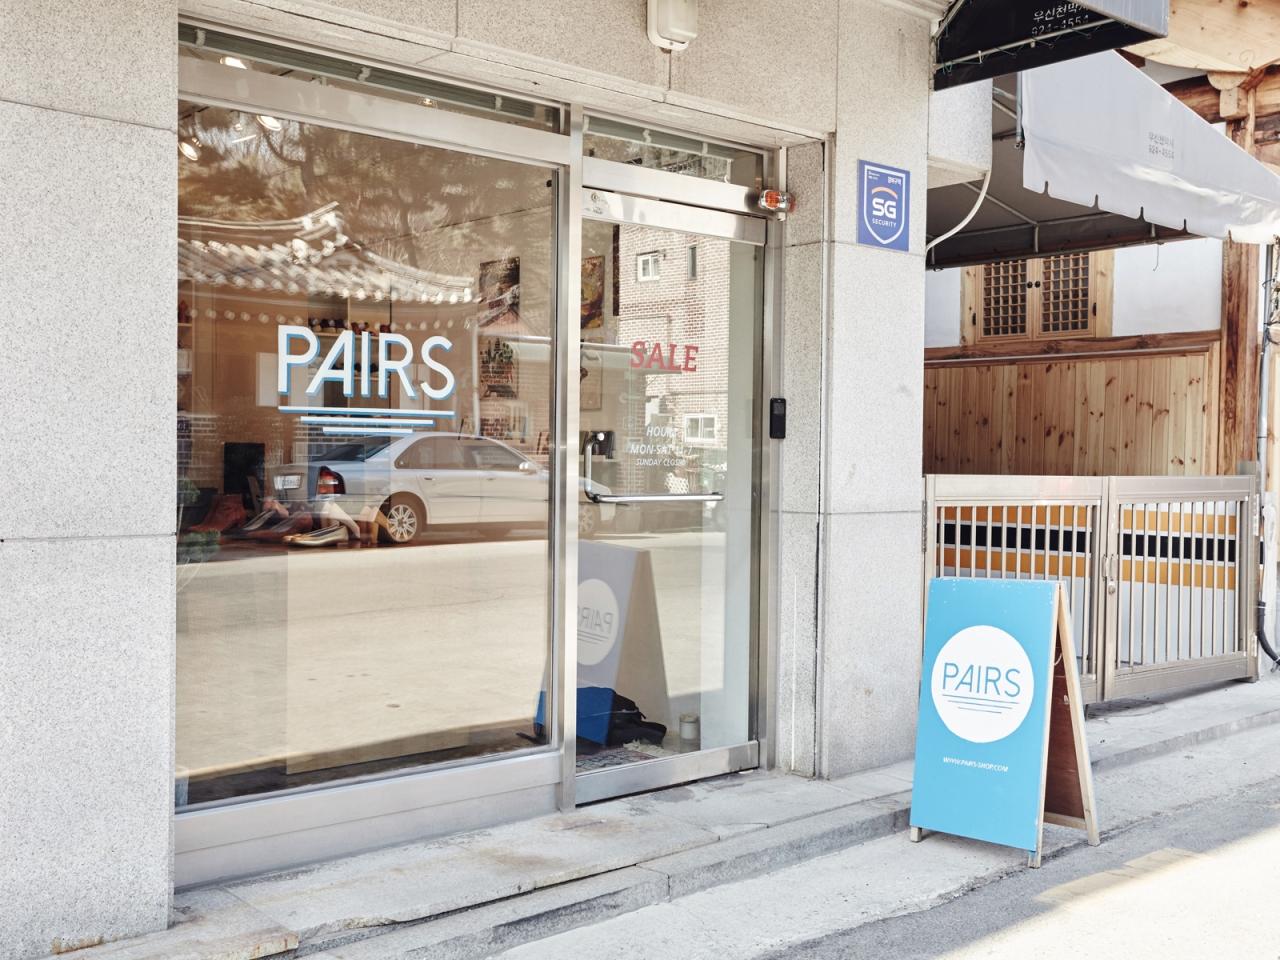 Cửa hàng Pairs nhìn từ bên ngoài.